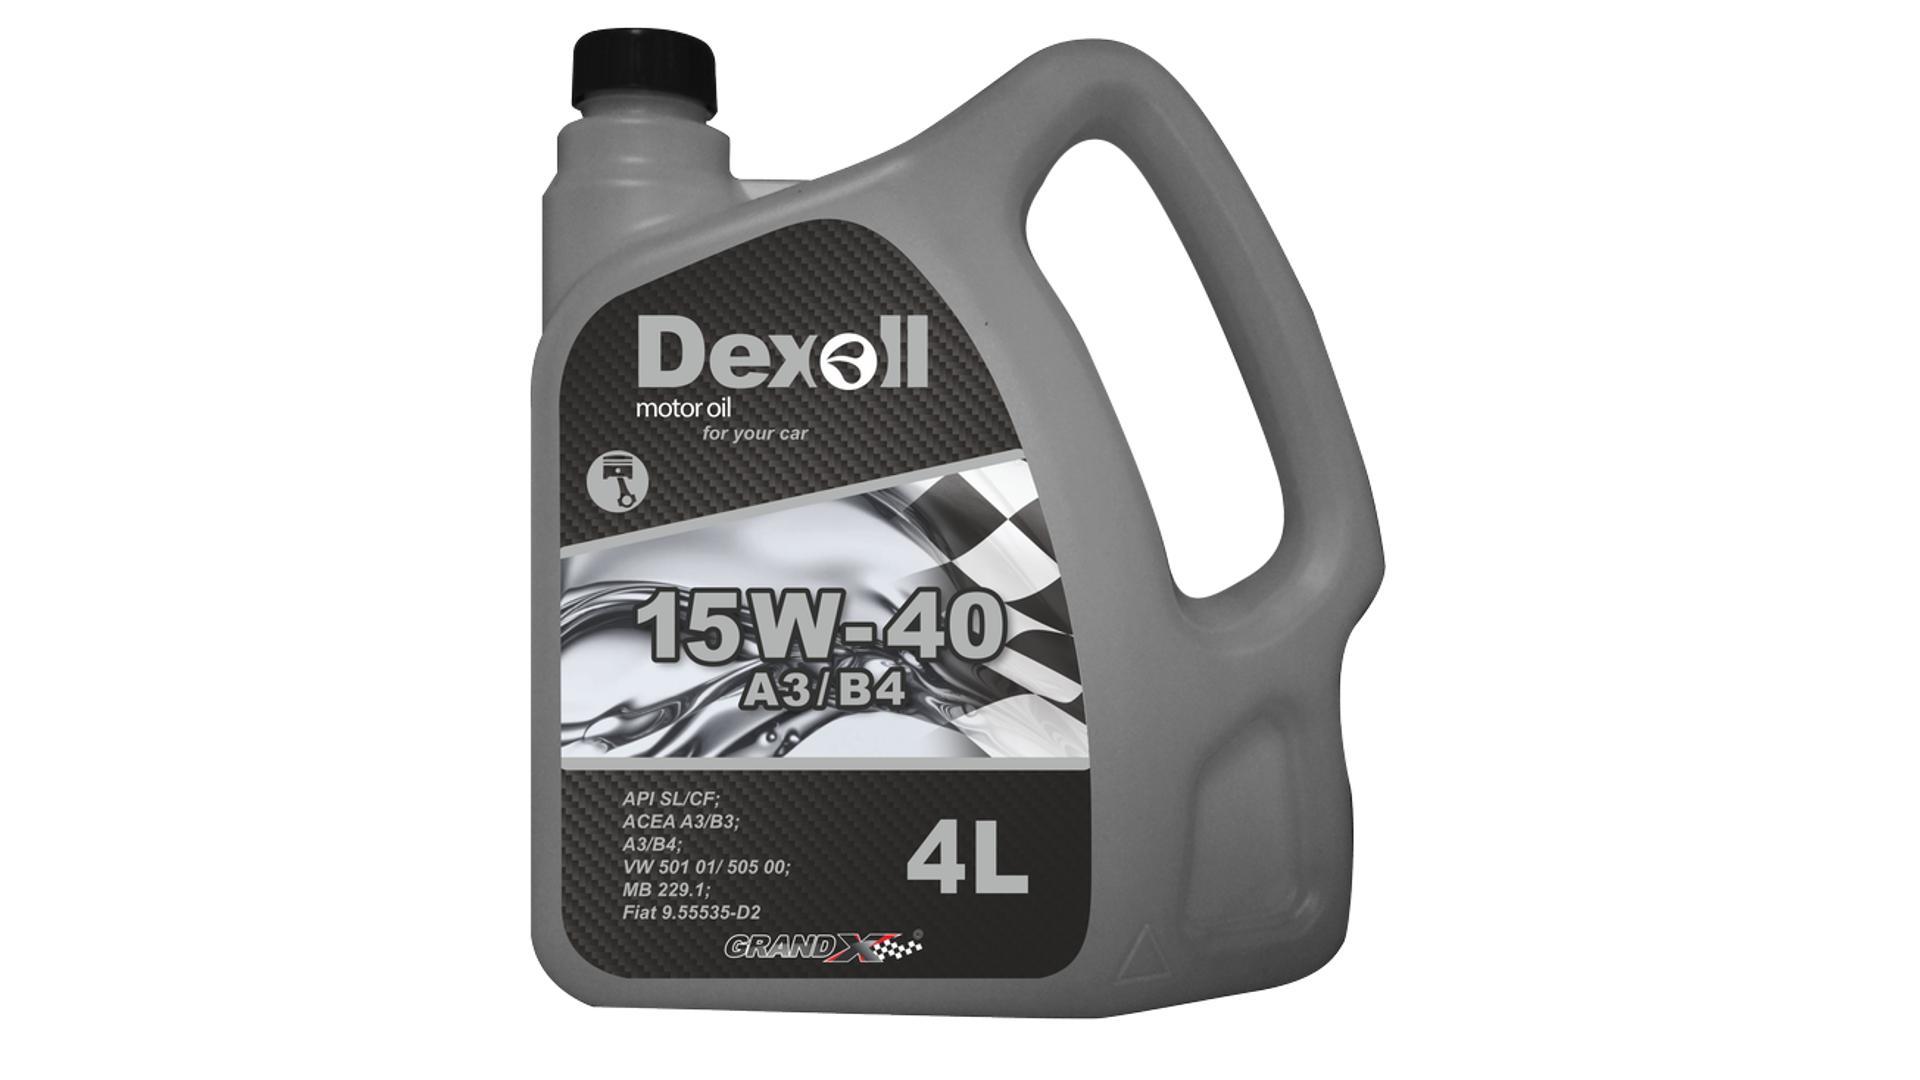 DEXOLL 15W-40 A3/B4 4L